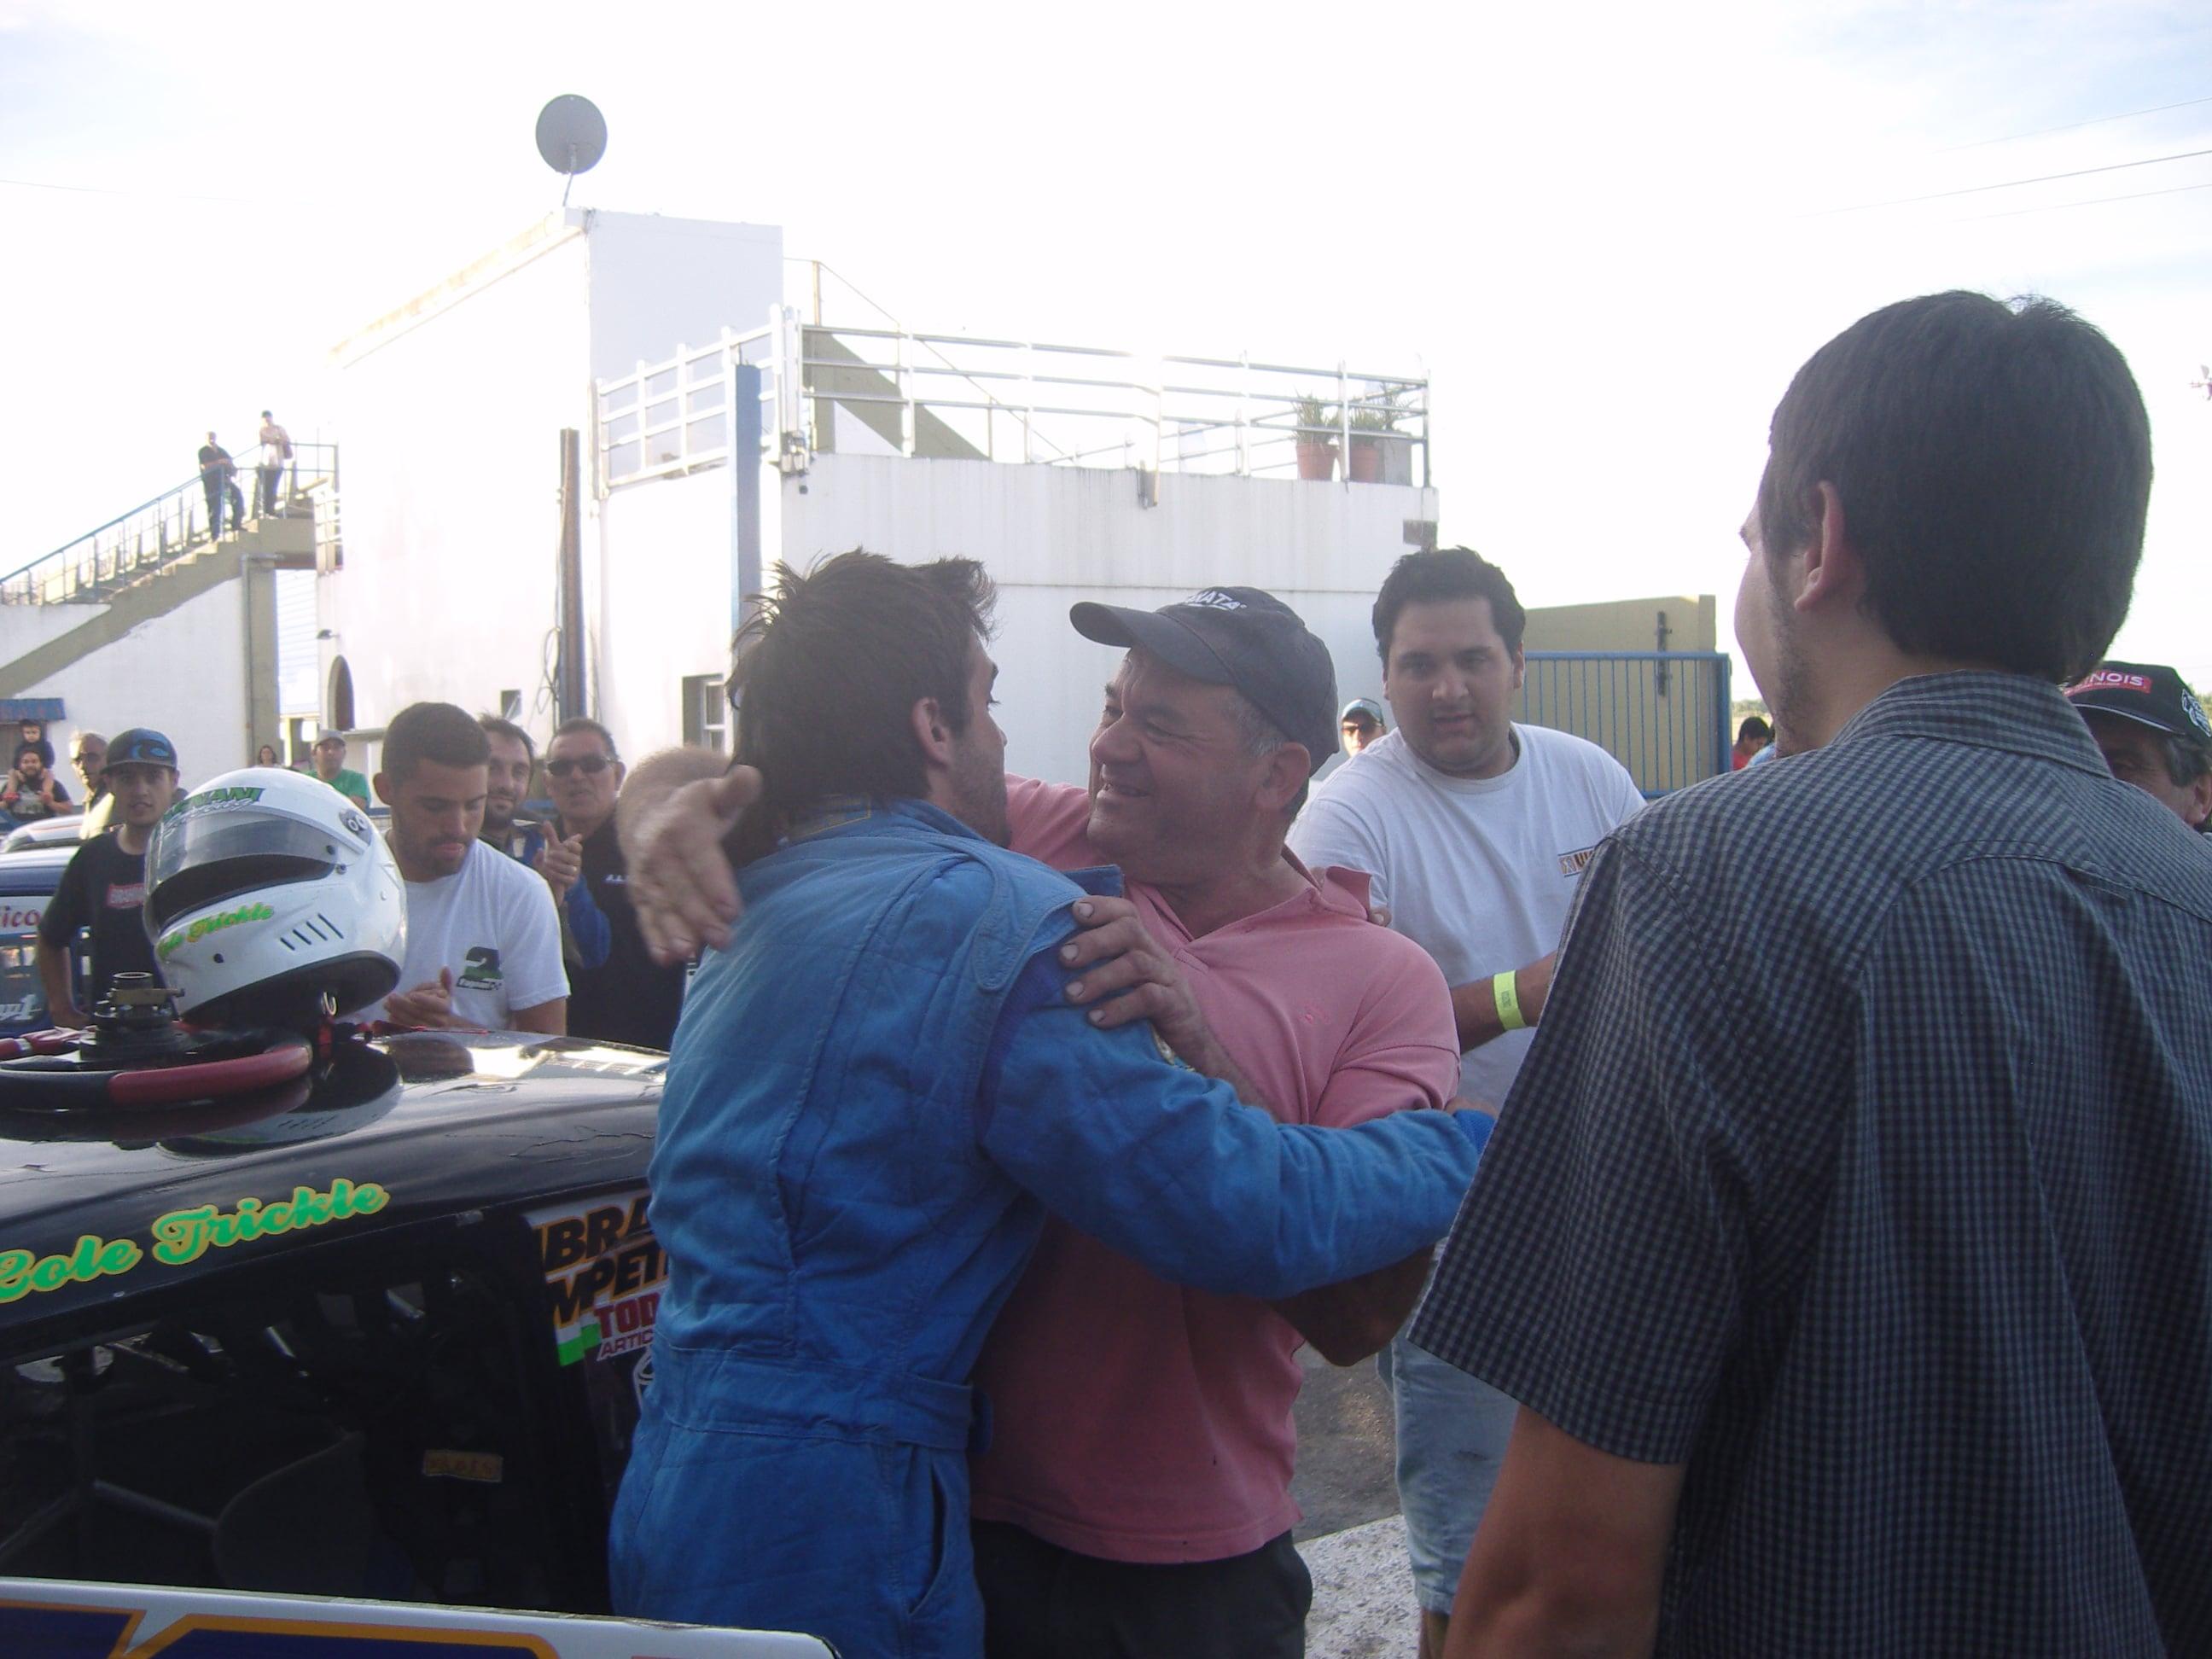 Sebita recibiendo un abrazo interminable de su padre y familia al coronarse campeón